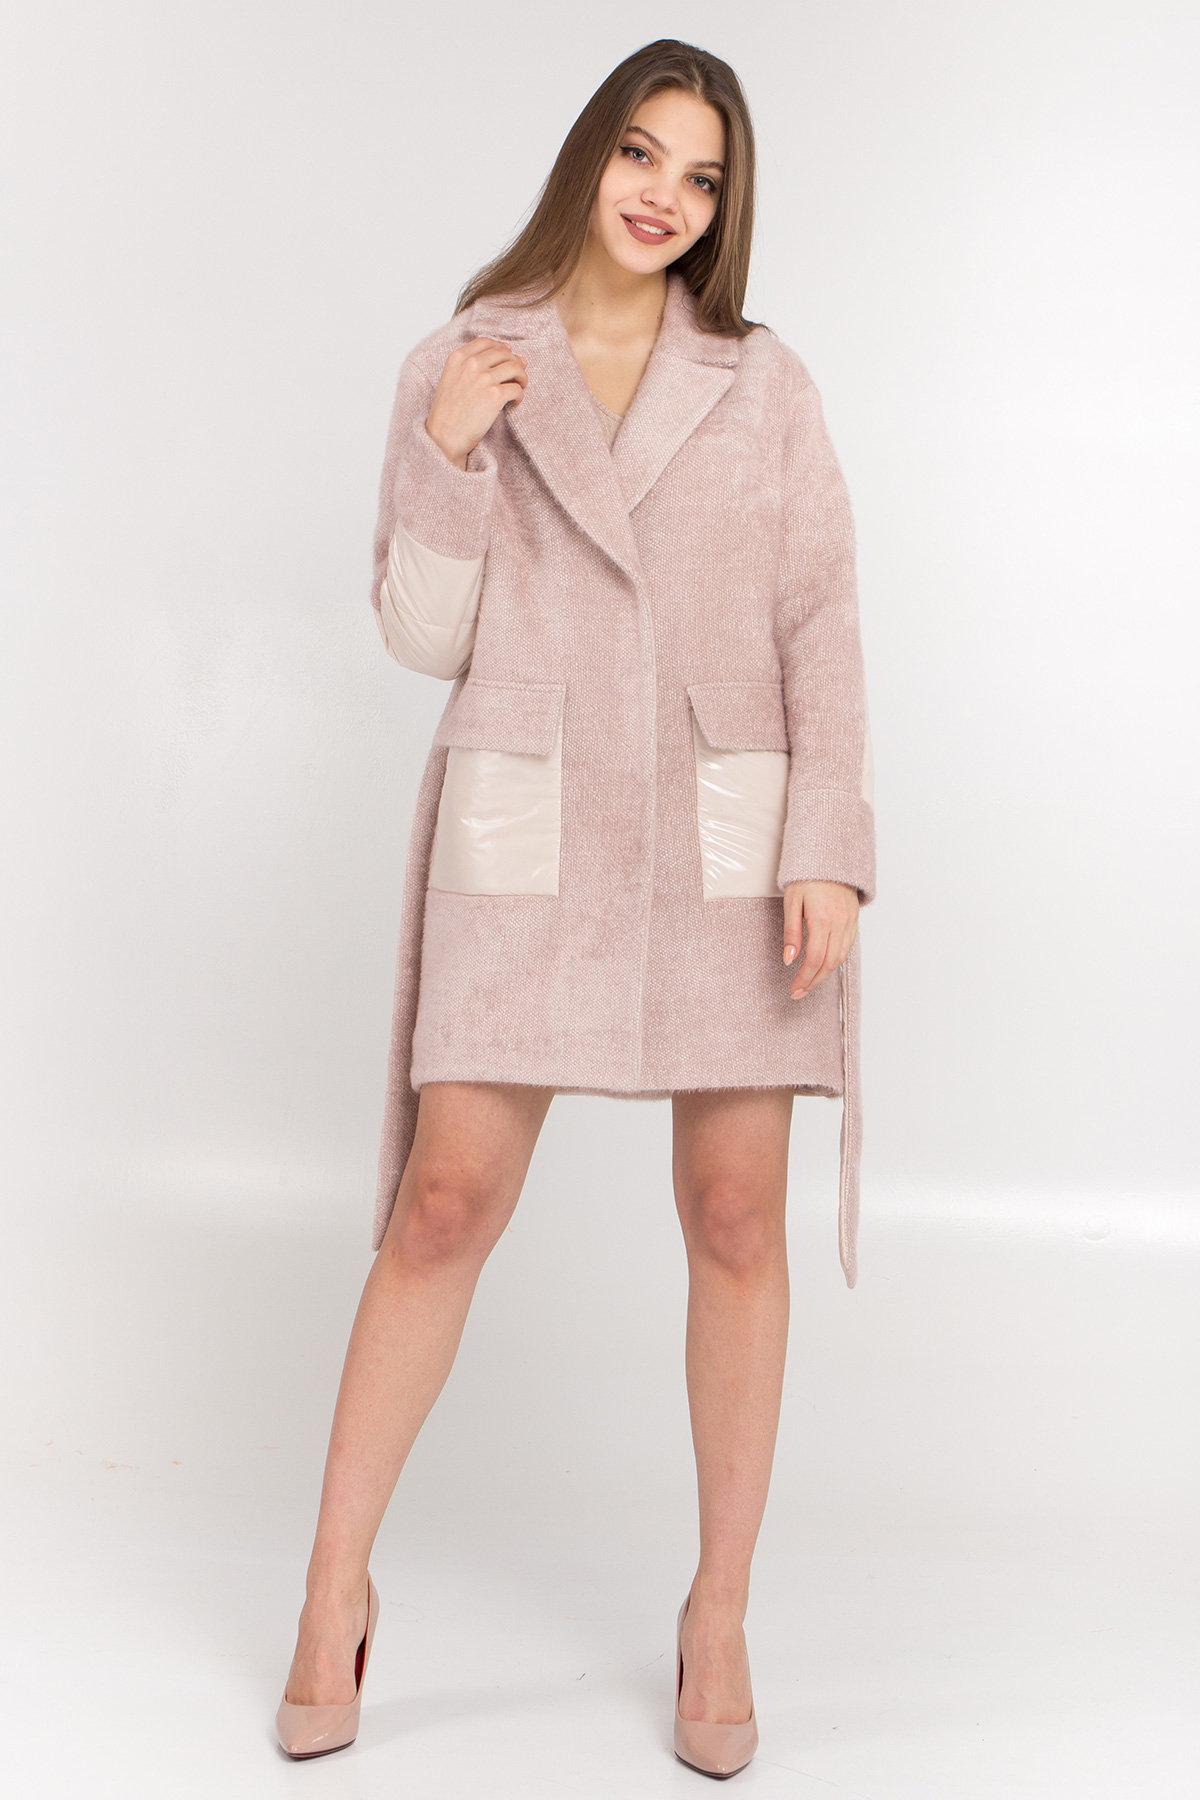 Комбинированное пальто Монклер 8884 АРТ. 45205 Цвет: Пудра/молоко - фото 1, интернет магазин tm-modus.ru